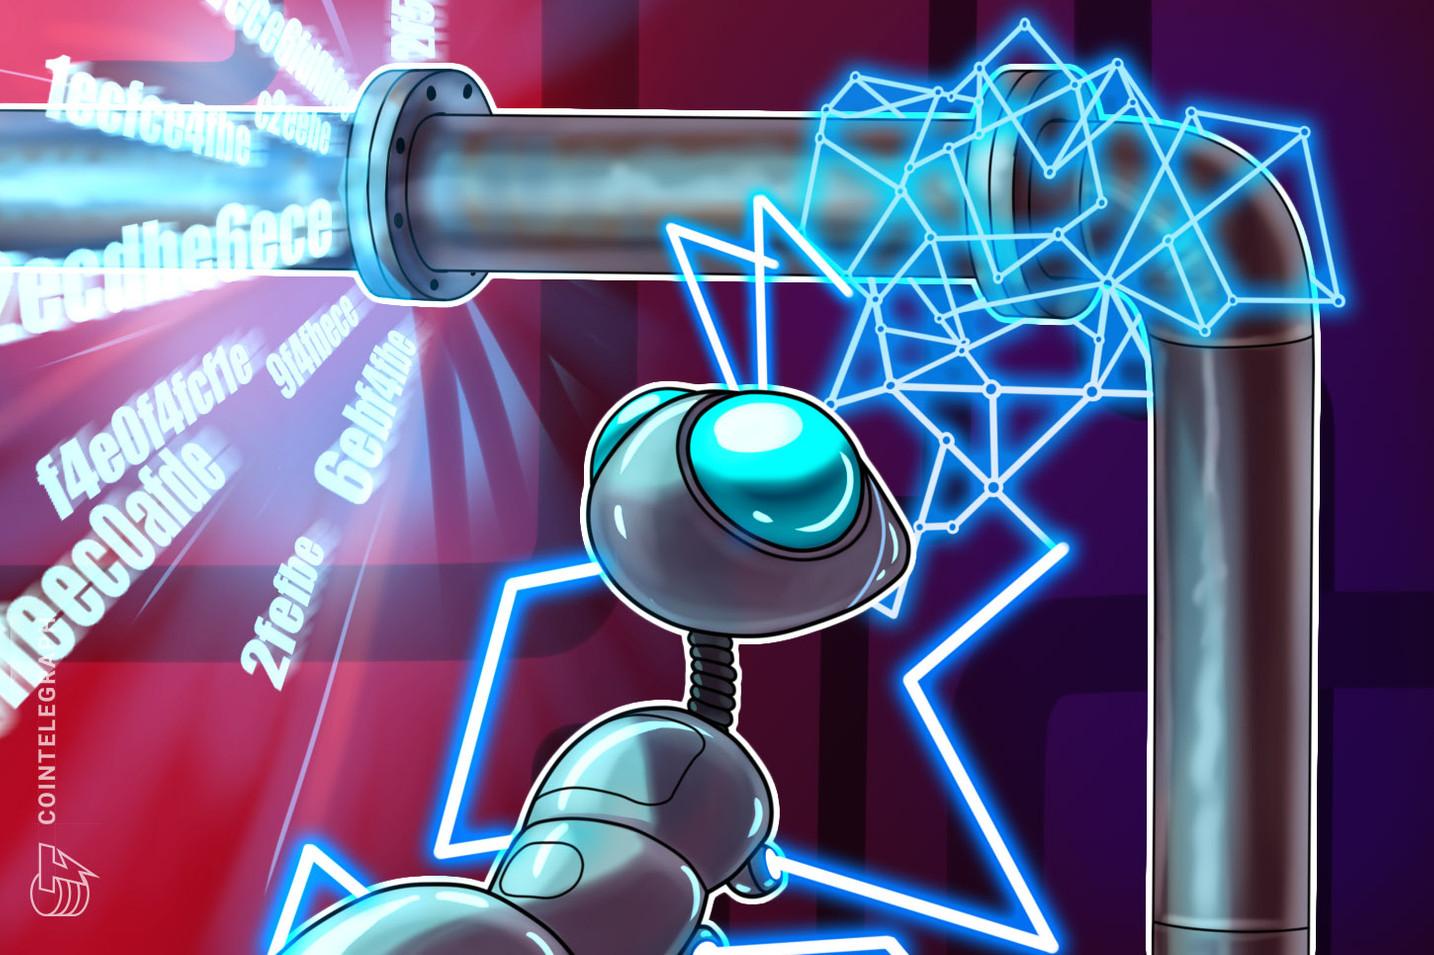 Uranium Finance siber saldırısında şirket çalışanlarının parmağı olabilir